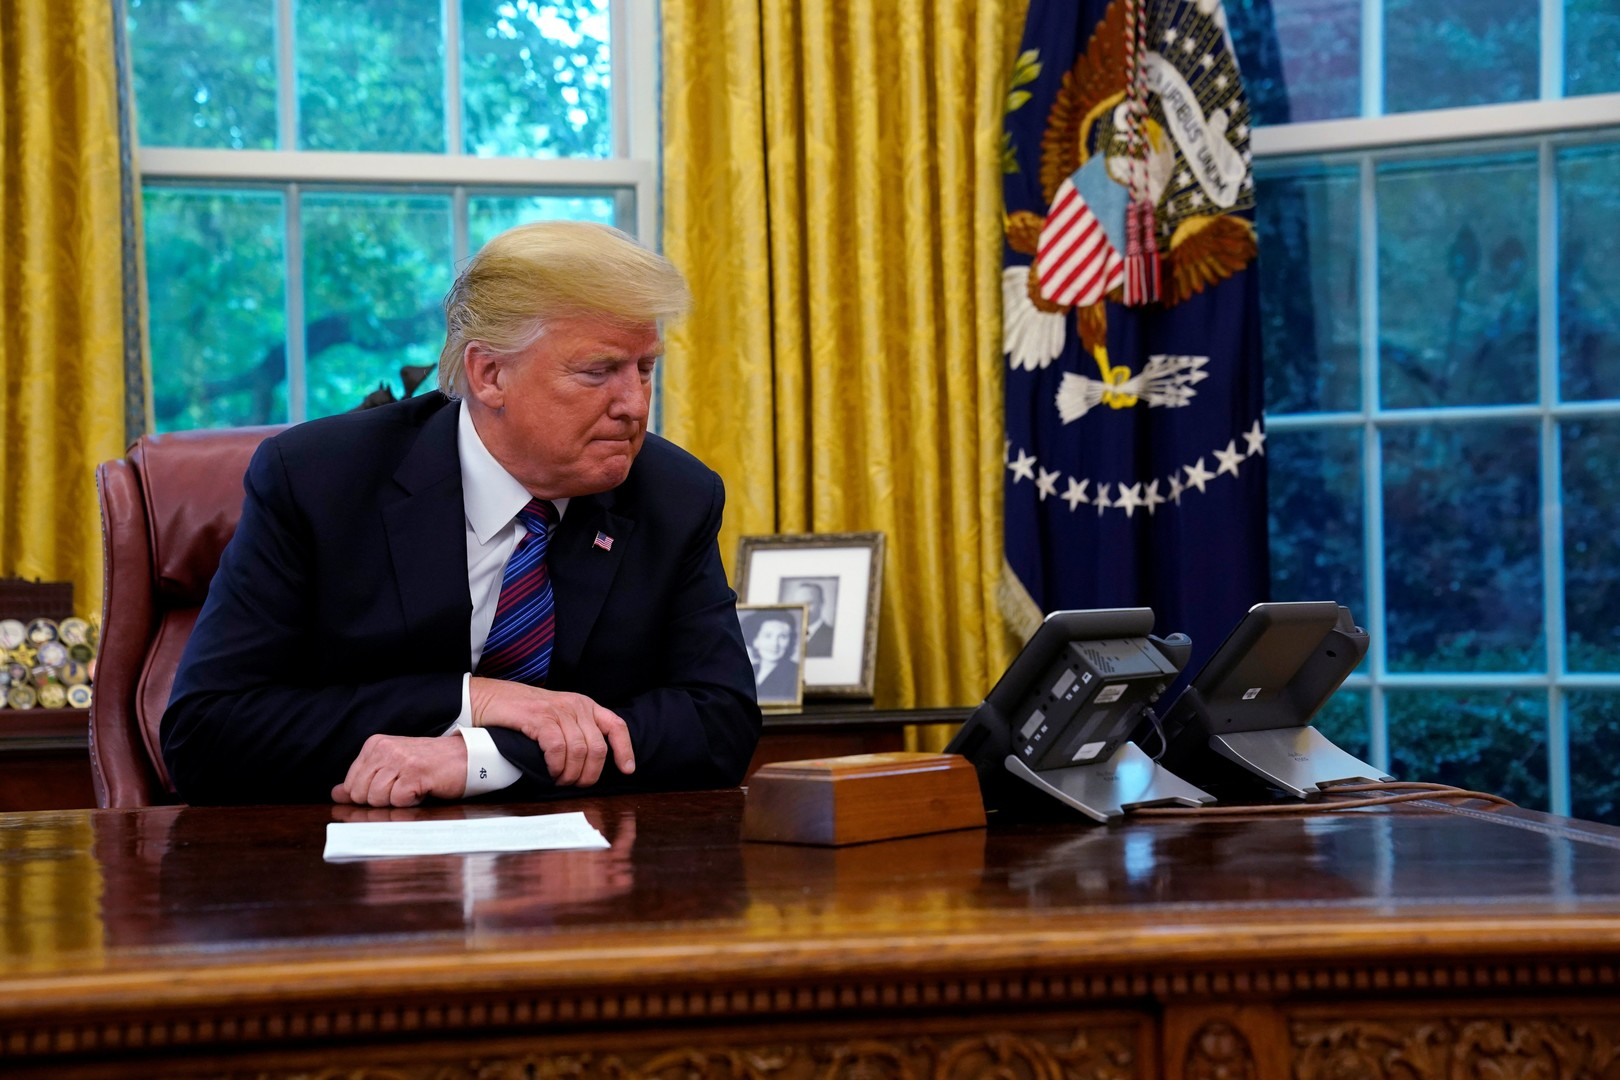 مسؤول في إدارة ترامب: نجلس أمام الهاتف في انتظار اتصال من إيران